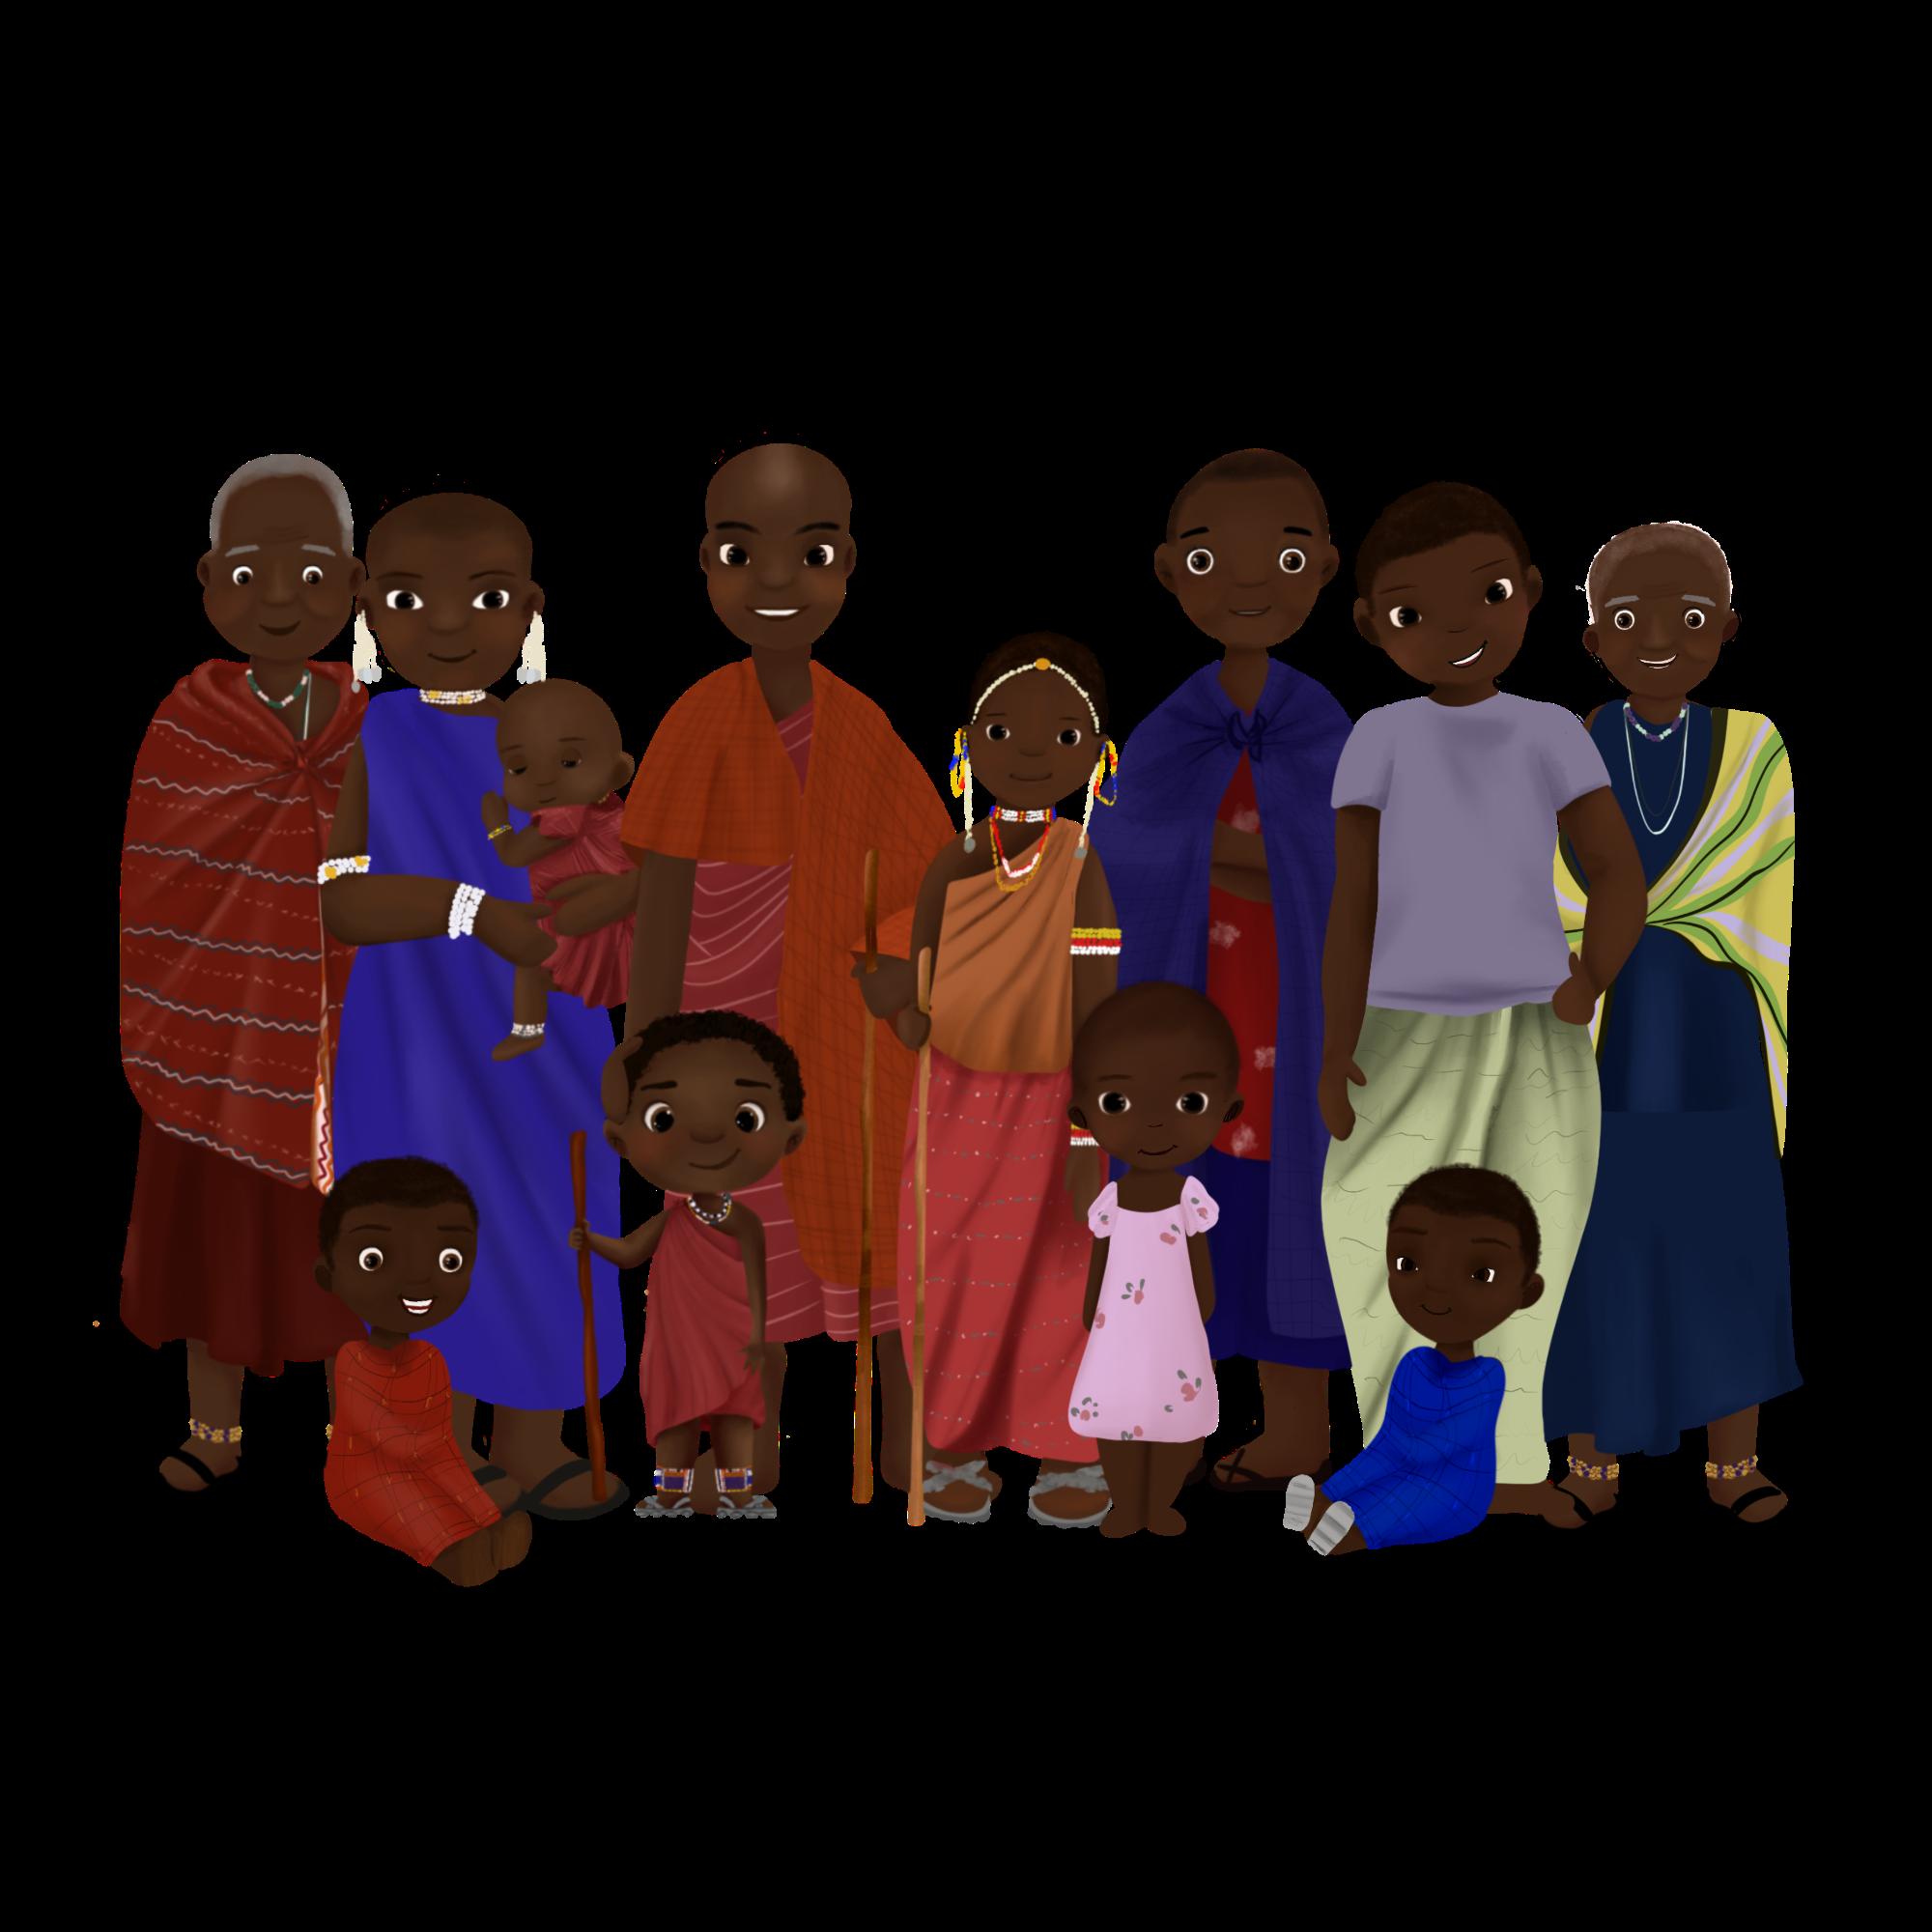 He met wie leef jij - Tanzania